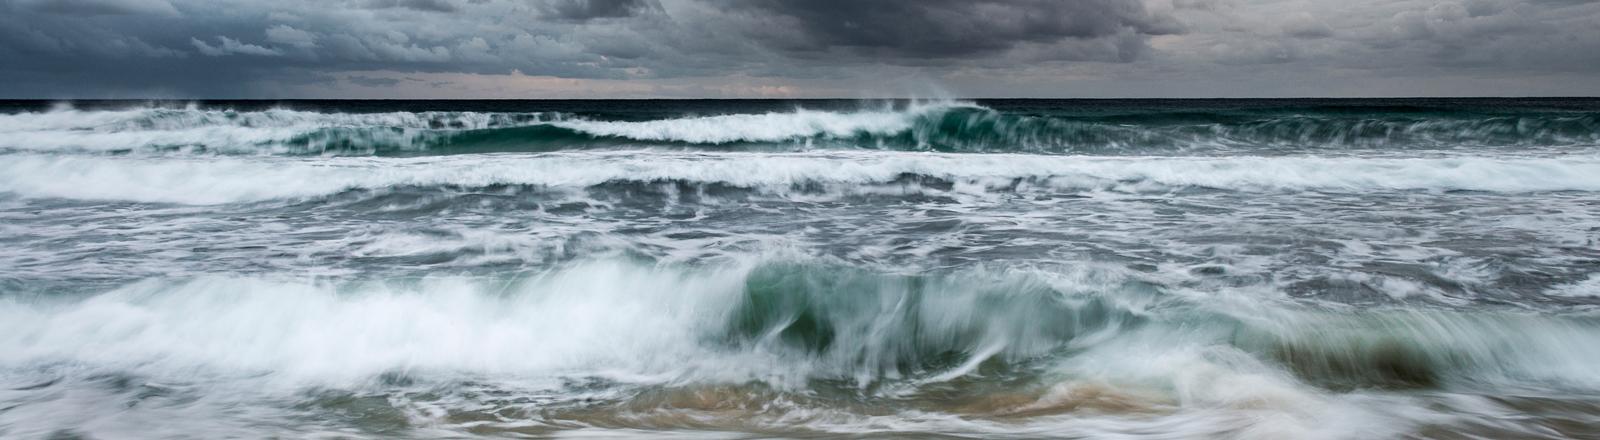 Meer bei Sturm